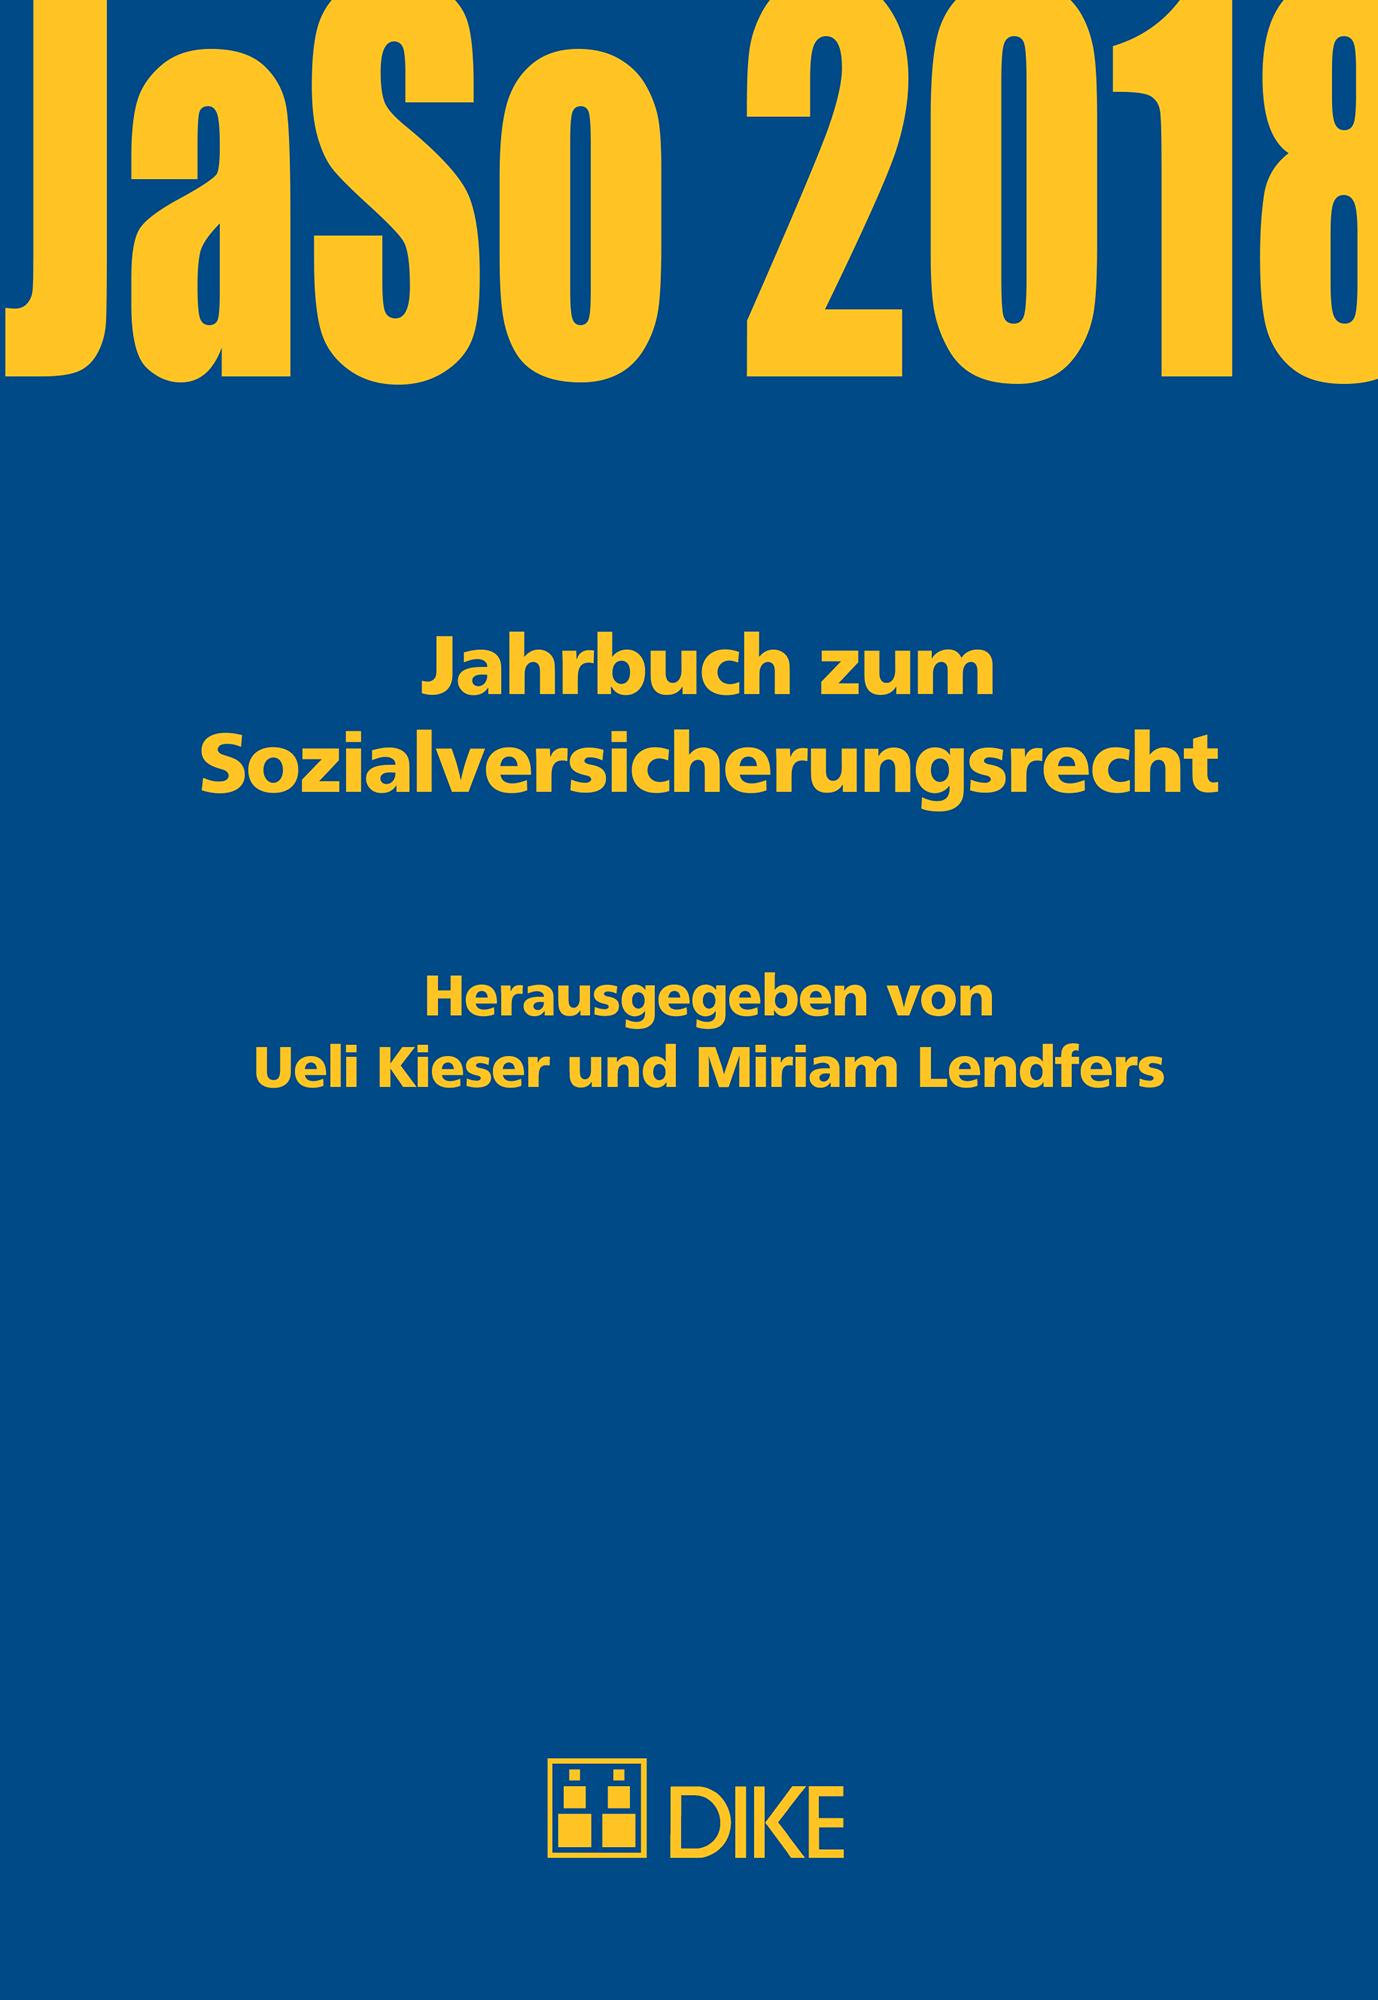 Jahrbuch zum Sozialversicherungsrecht 2018